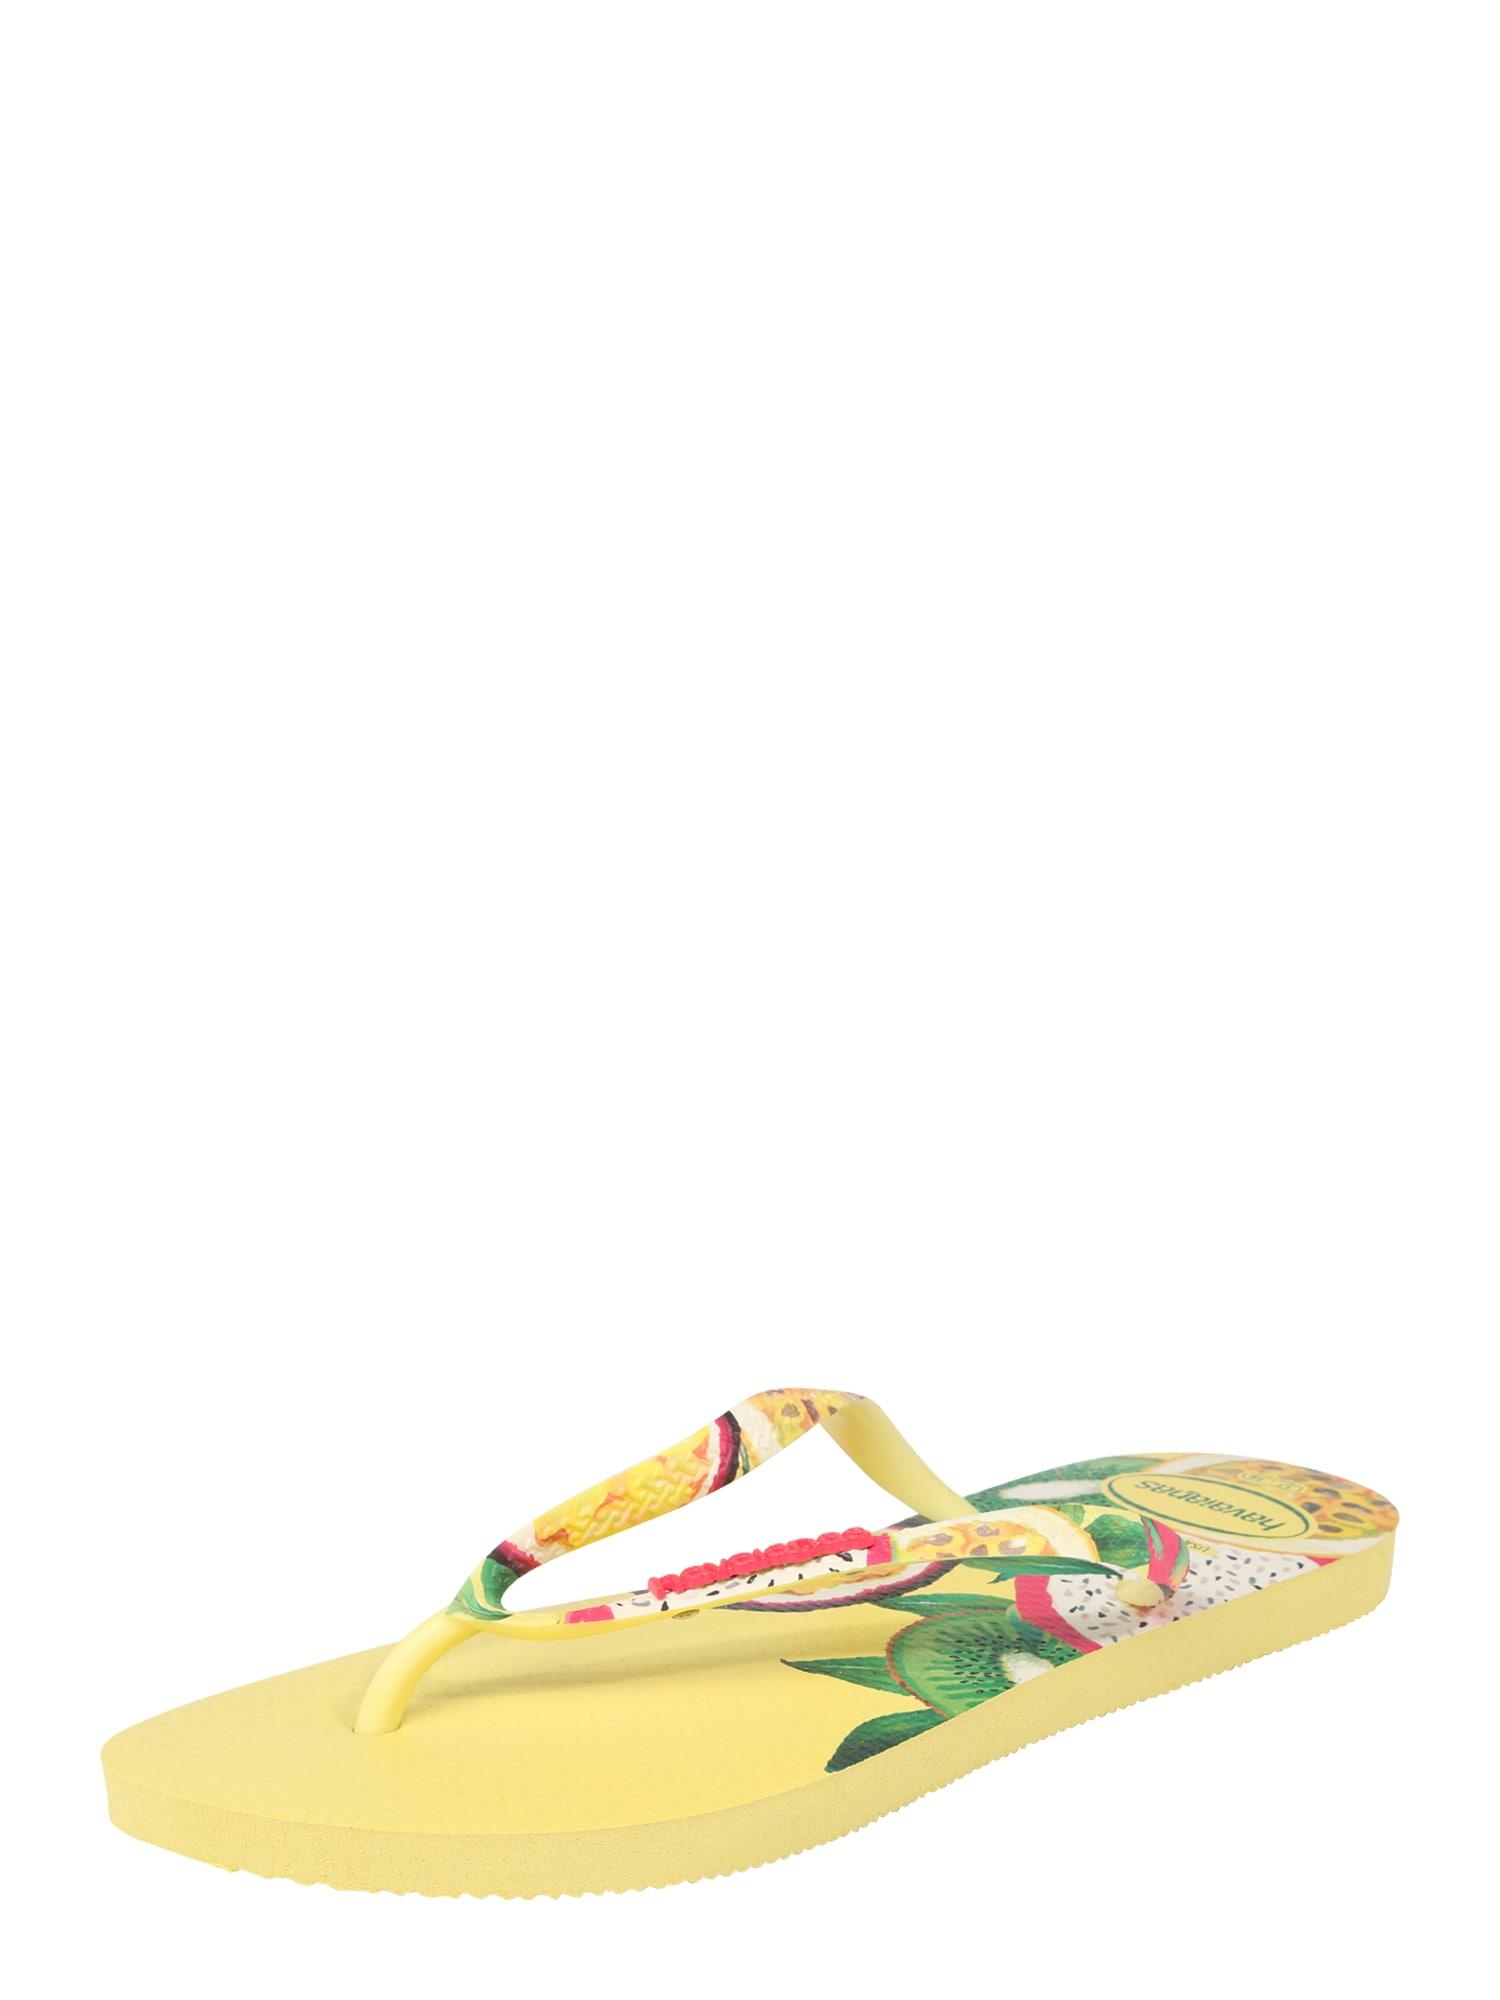 Žabky Slim Sensation žlutá zelená červená HAVAIANAS